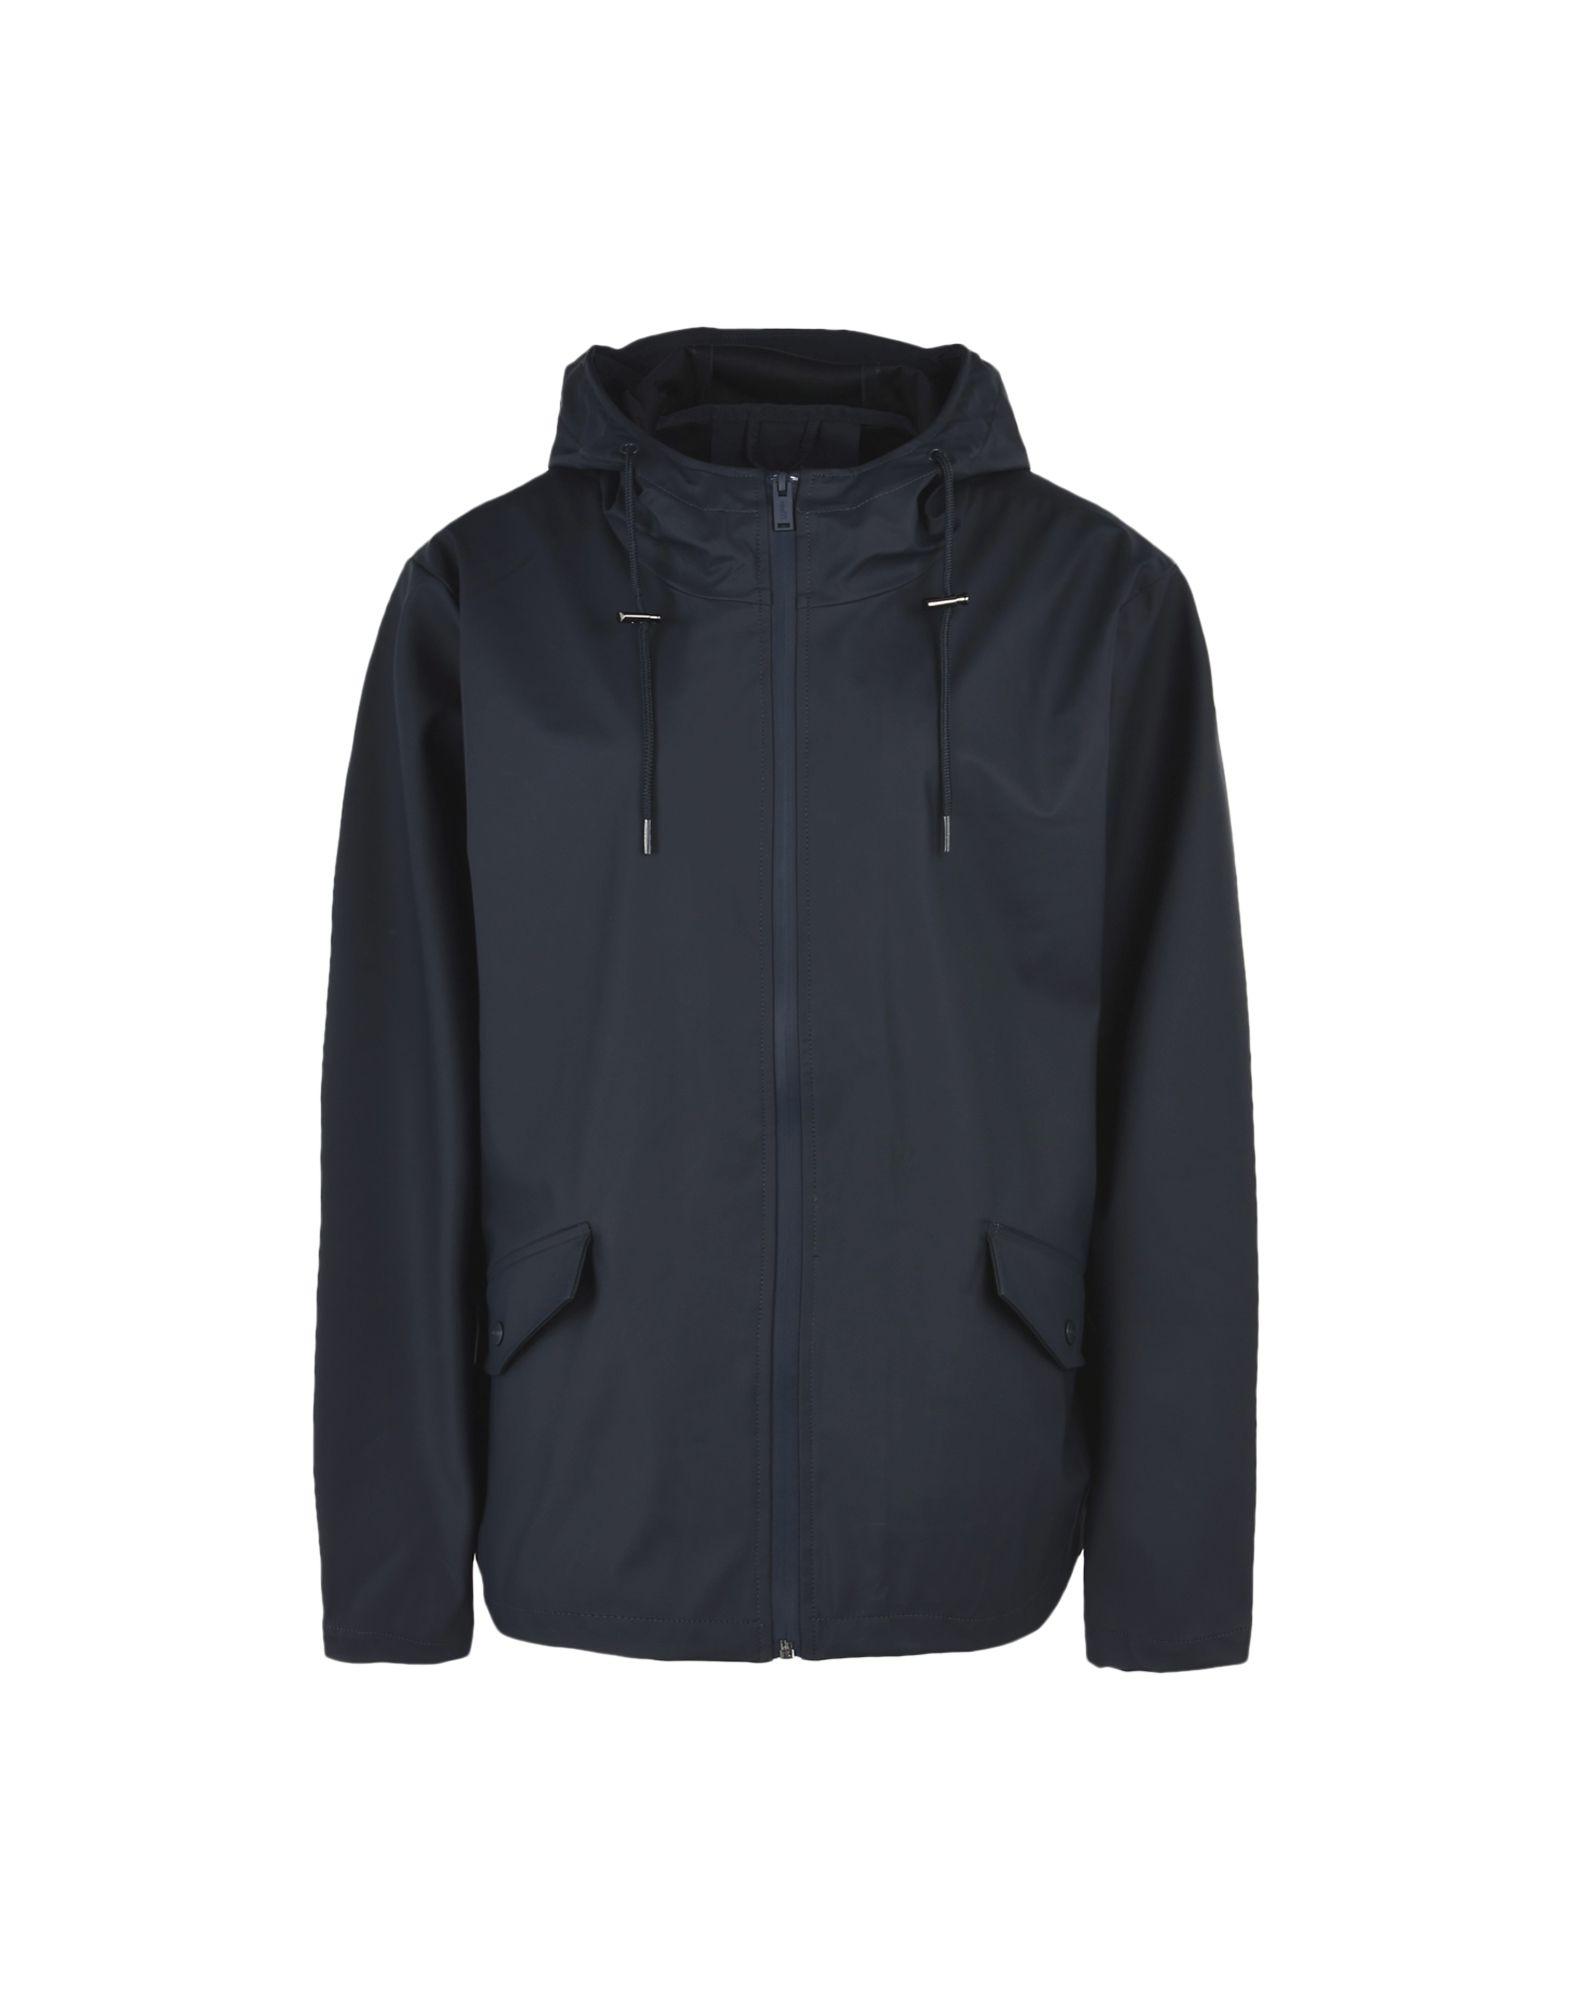 MBYM Full-Length Jacket in Dark Blue